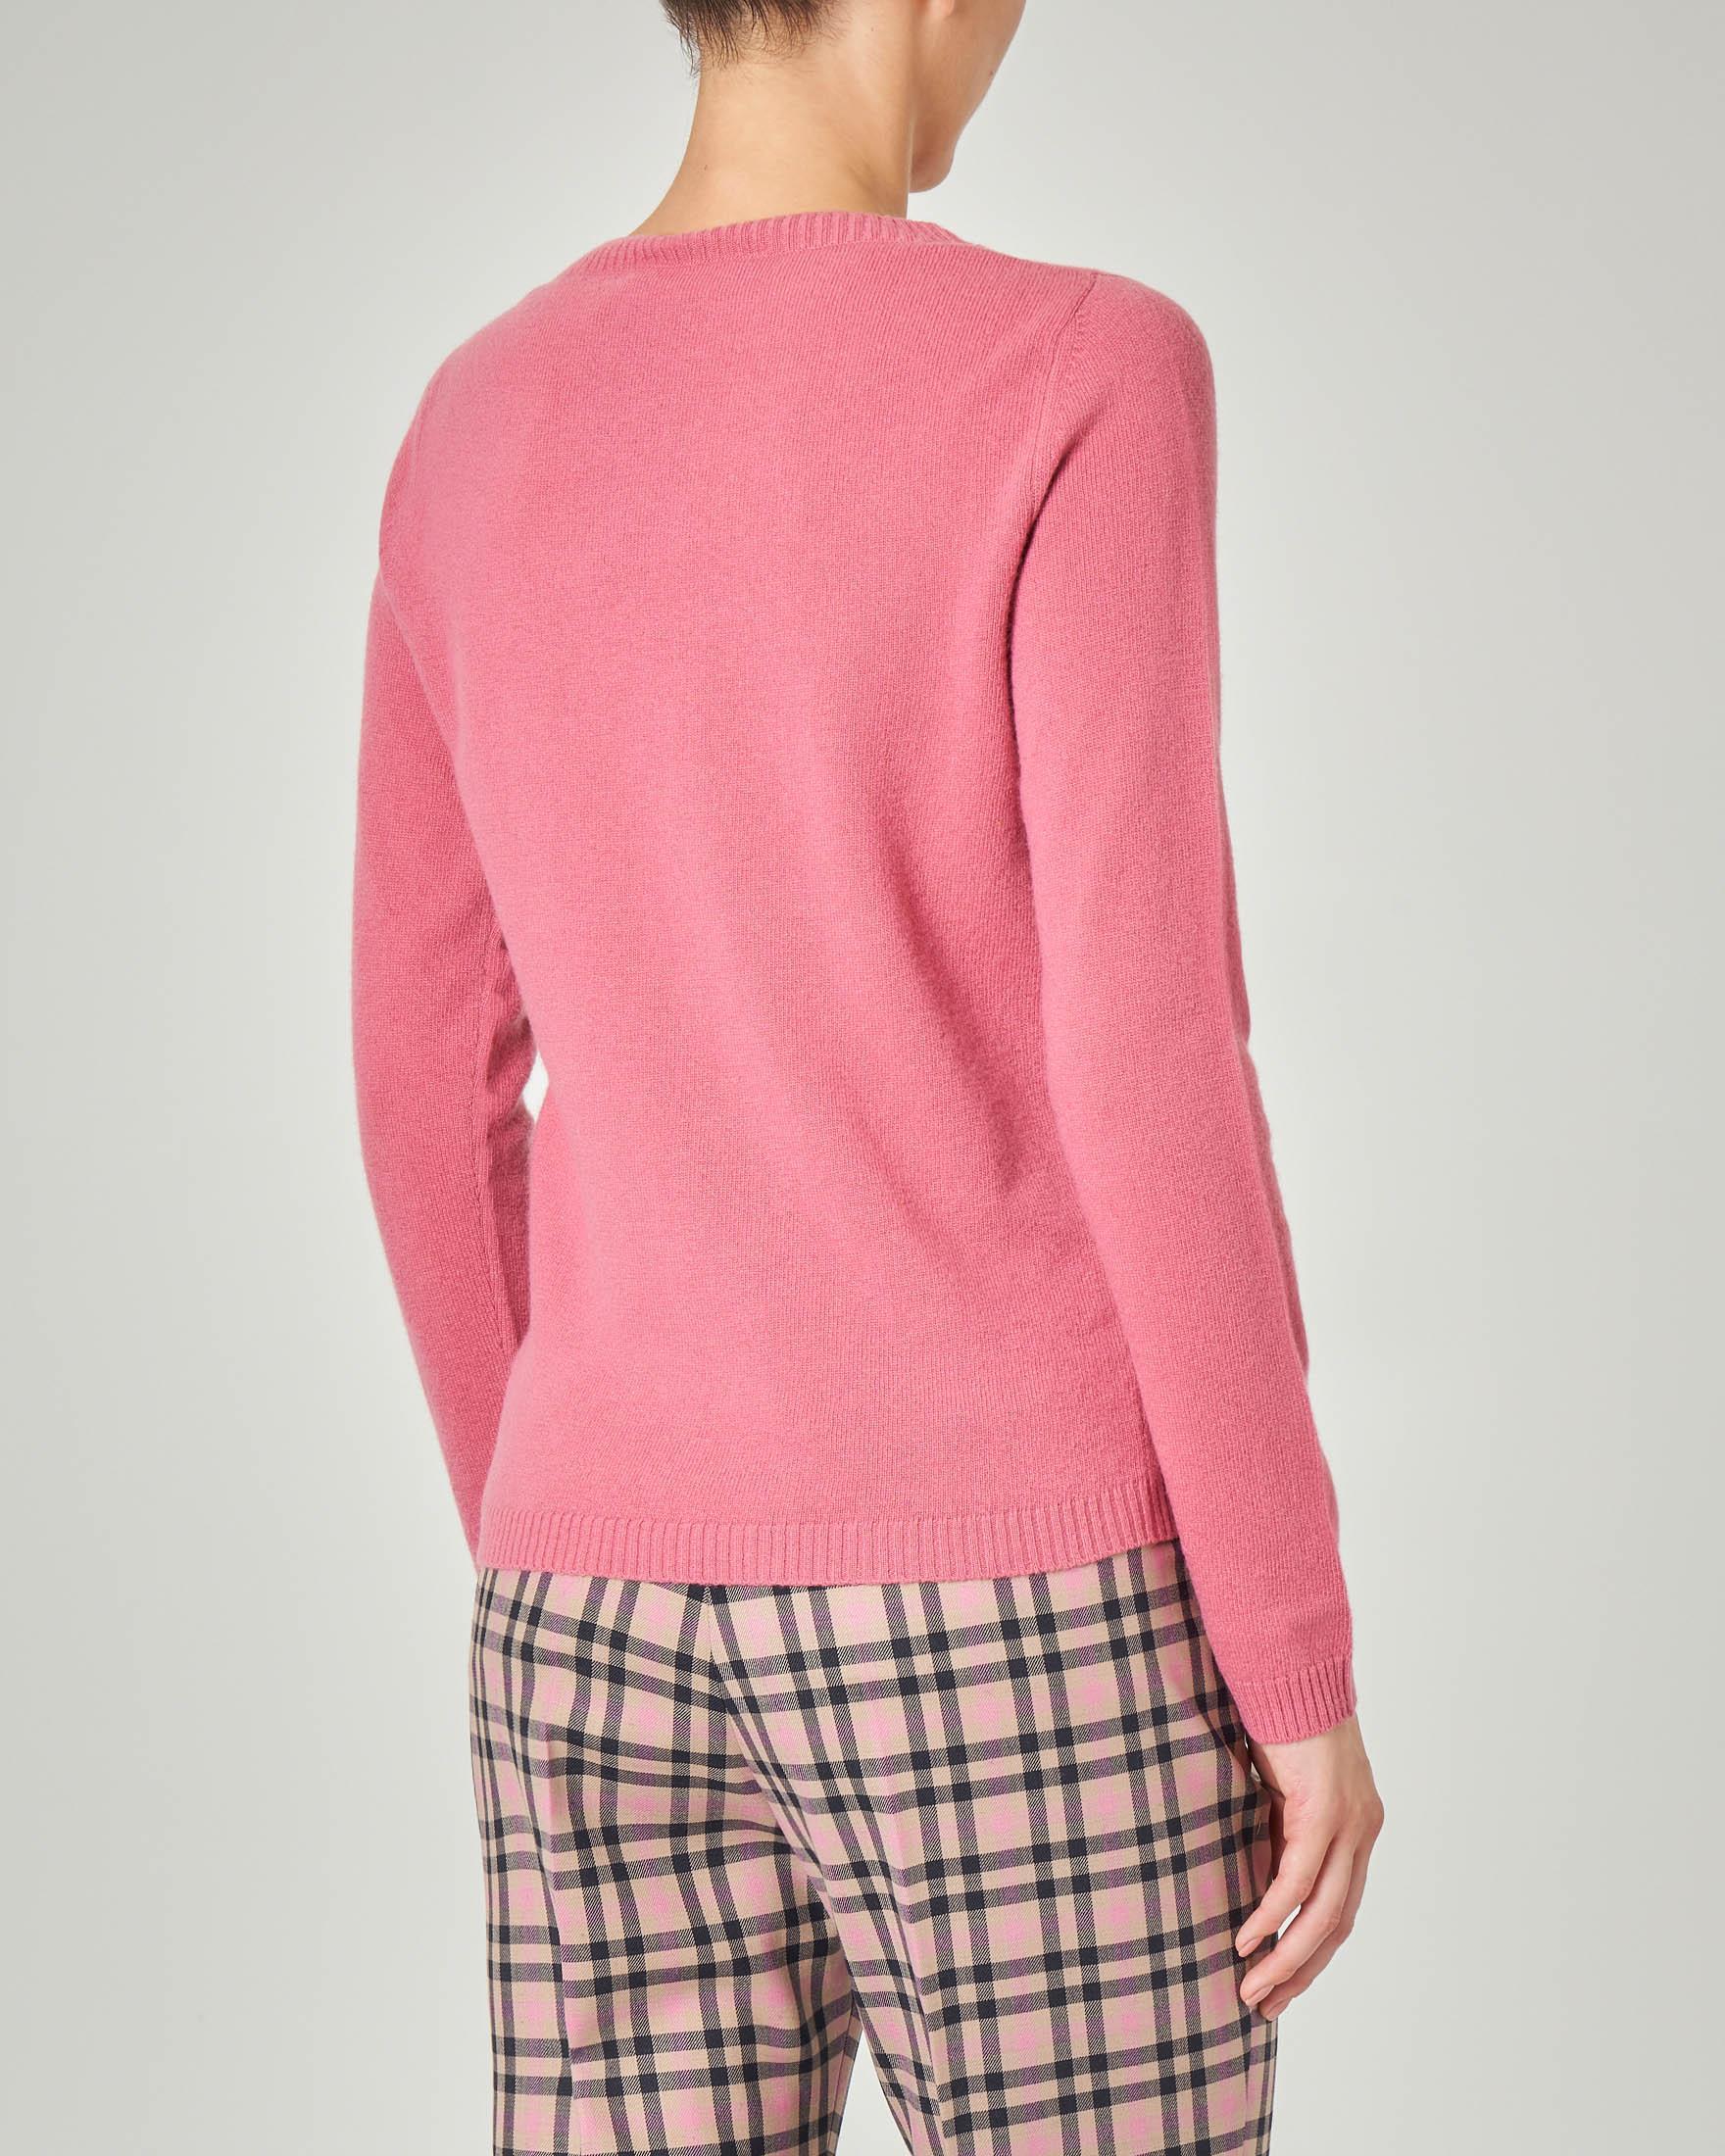 Maglia rosa girocollo in lana vergine